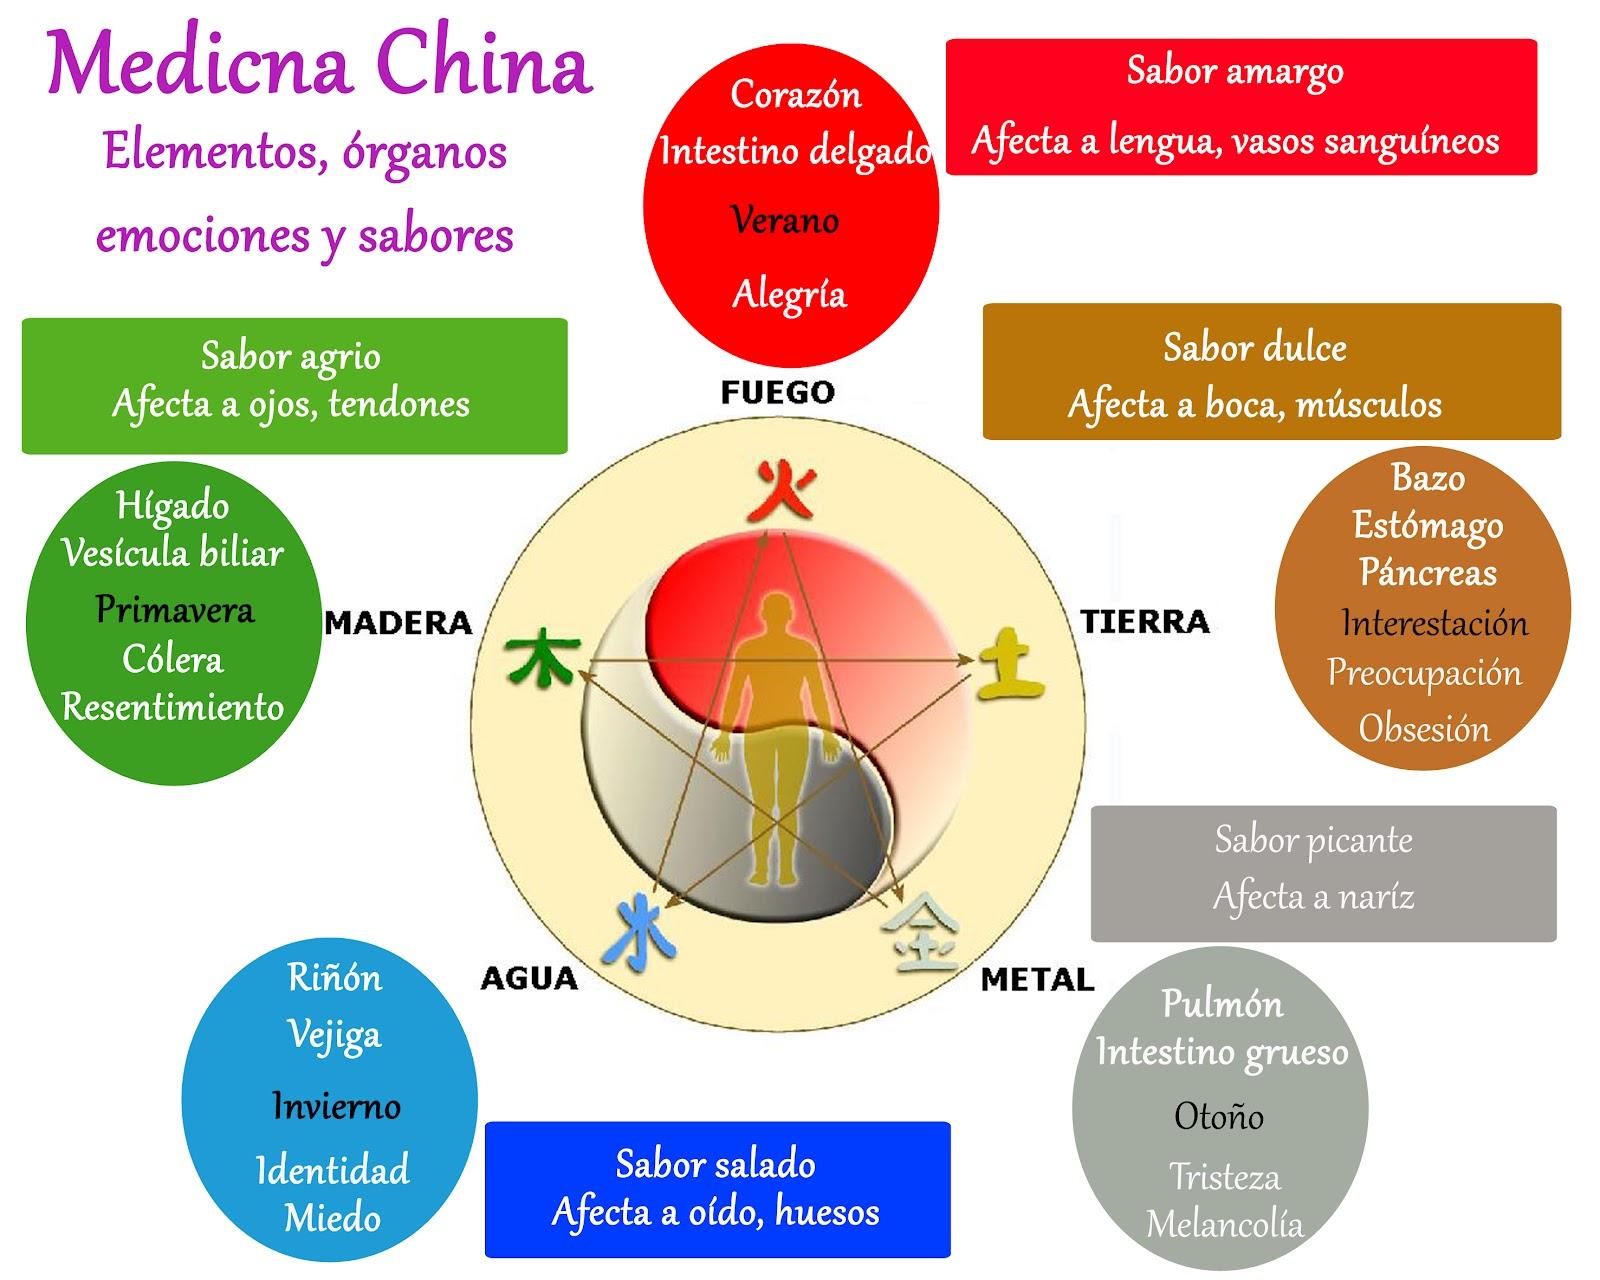 Relación órgano/emoción según la Medicina China